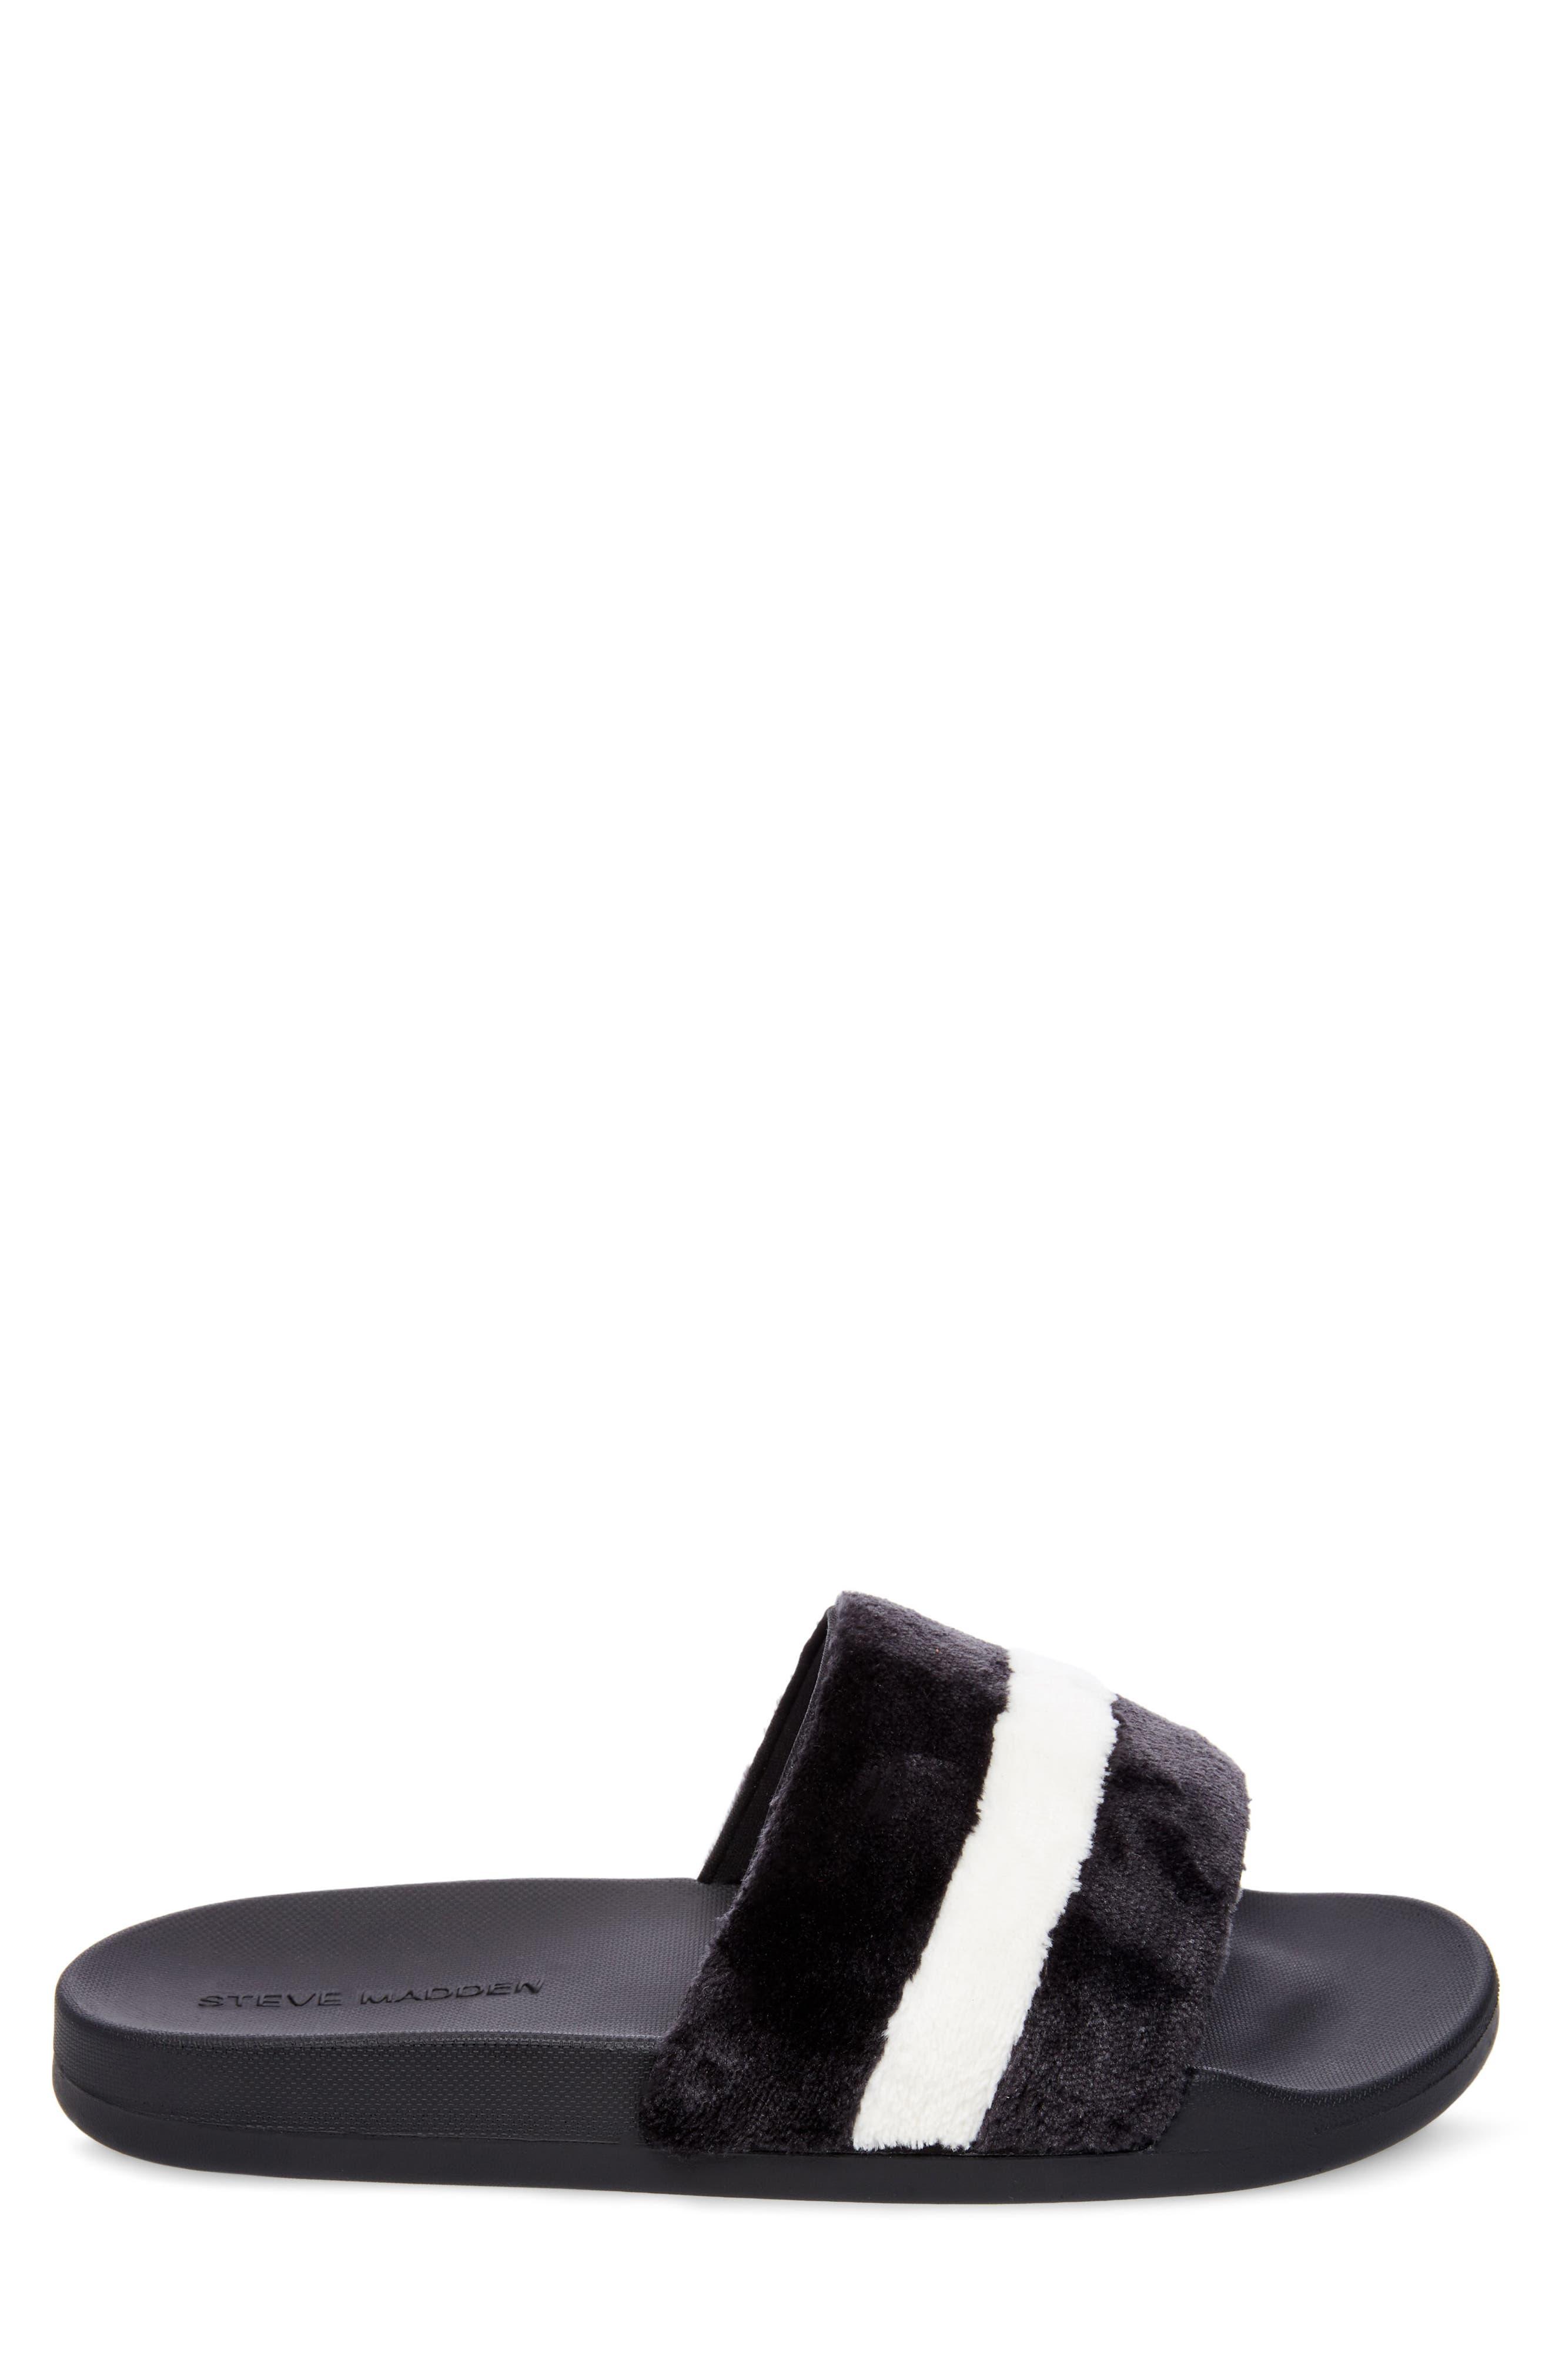 Resport Plush Slide Sandal,                             Alternate thumbnail 3, color,                             Black/ White